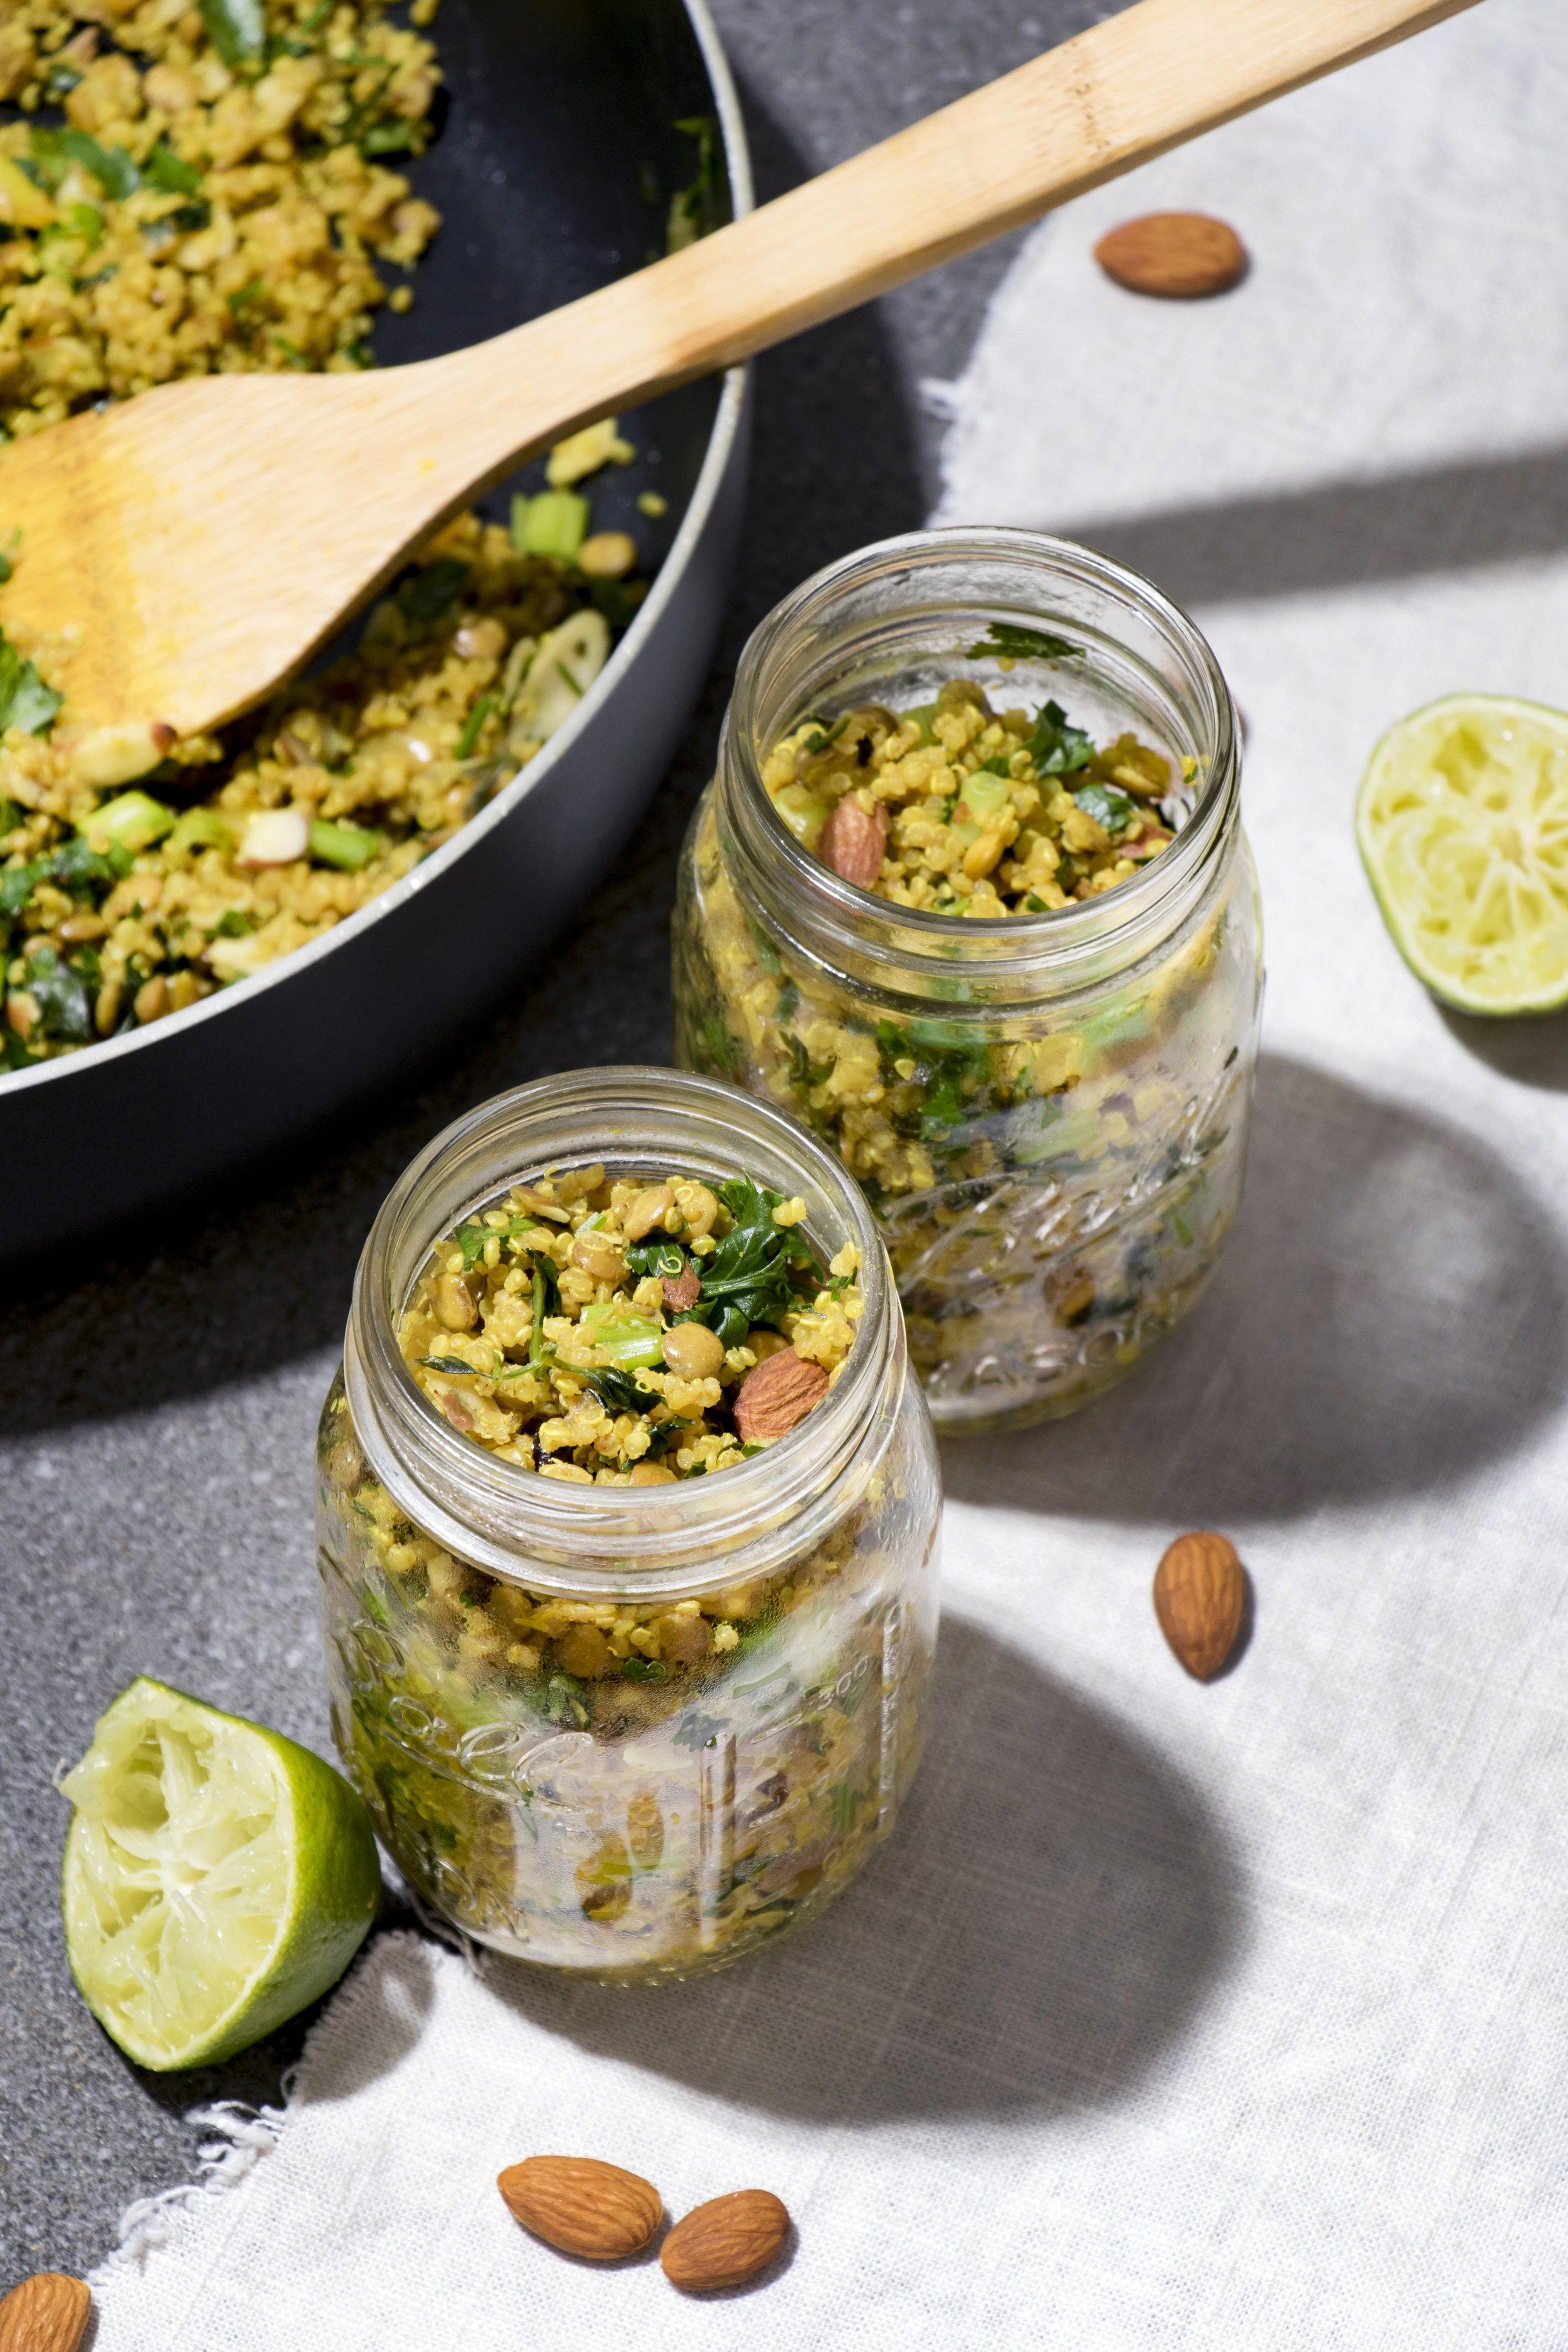 Cincinnati Food Photographer | Allison McAdams | Quinoa & Lential Salad | Almonds